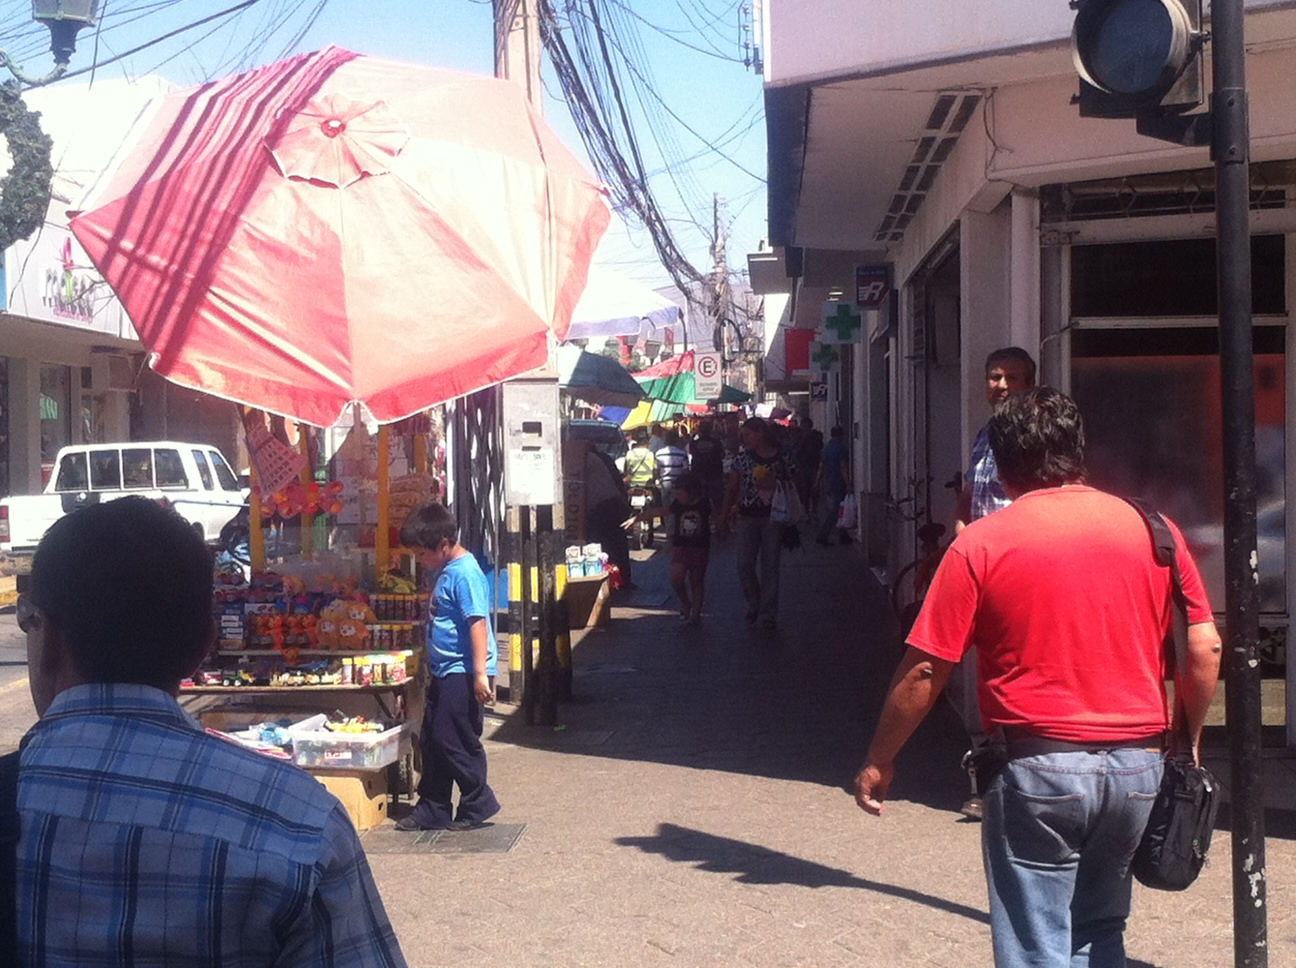 Municipio informa que no podrán cerrar calle Prat en fiestas de fin de año